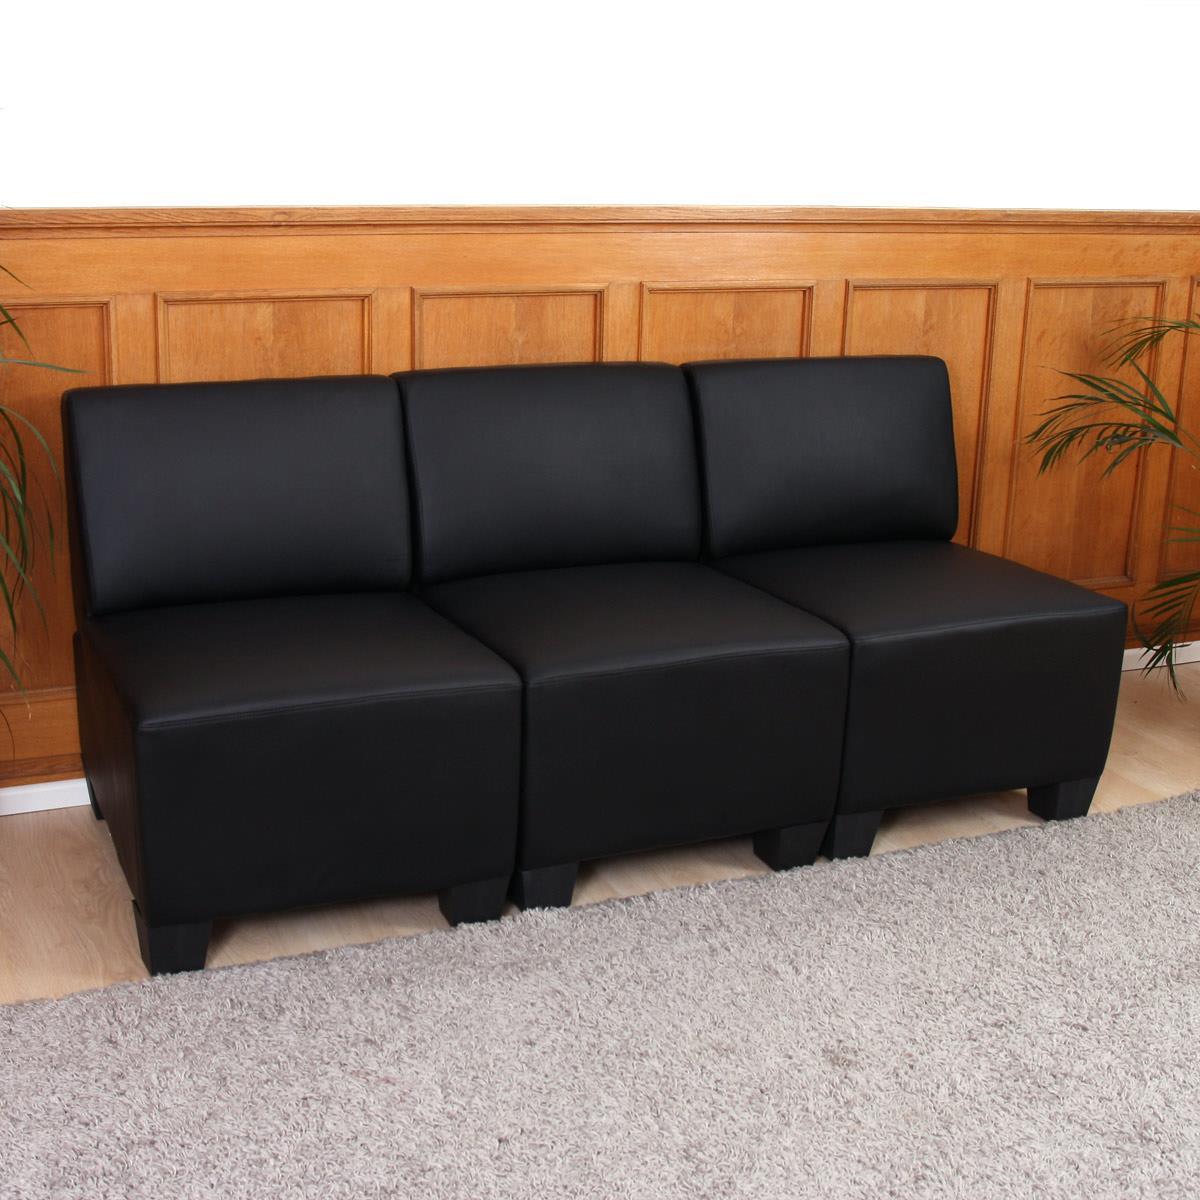 Divano modulare 3 posti lyon design moderno comodo in for Divano senza braccioli